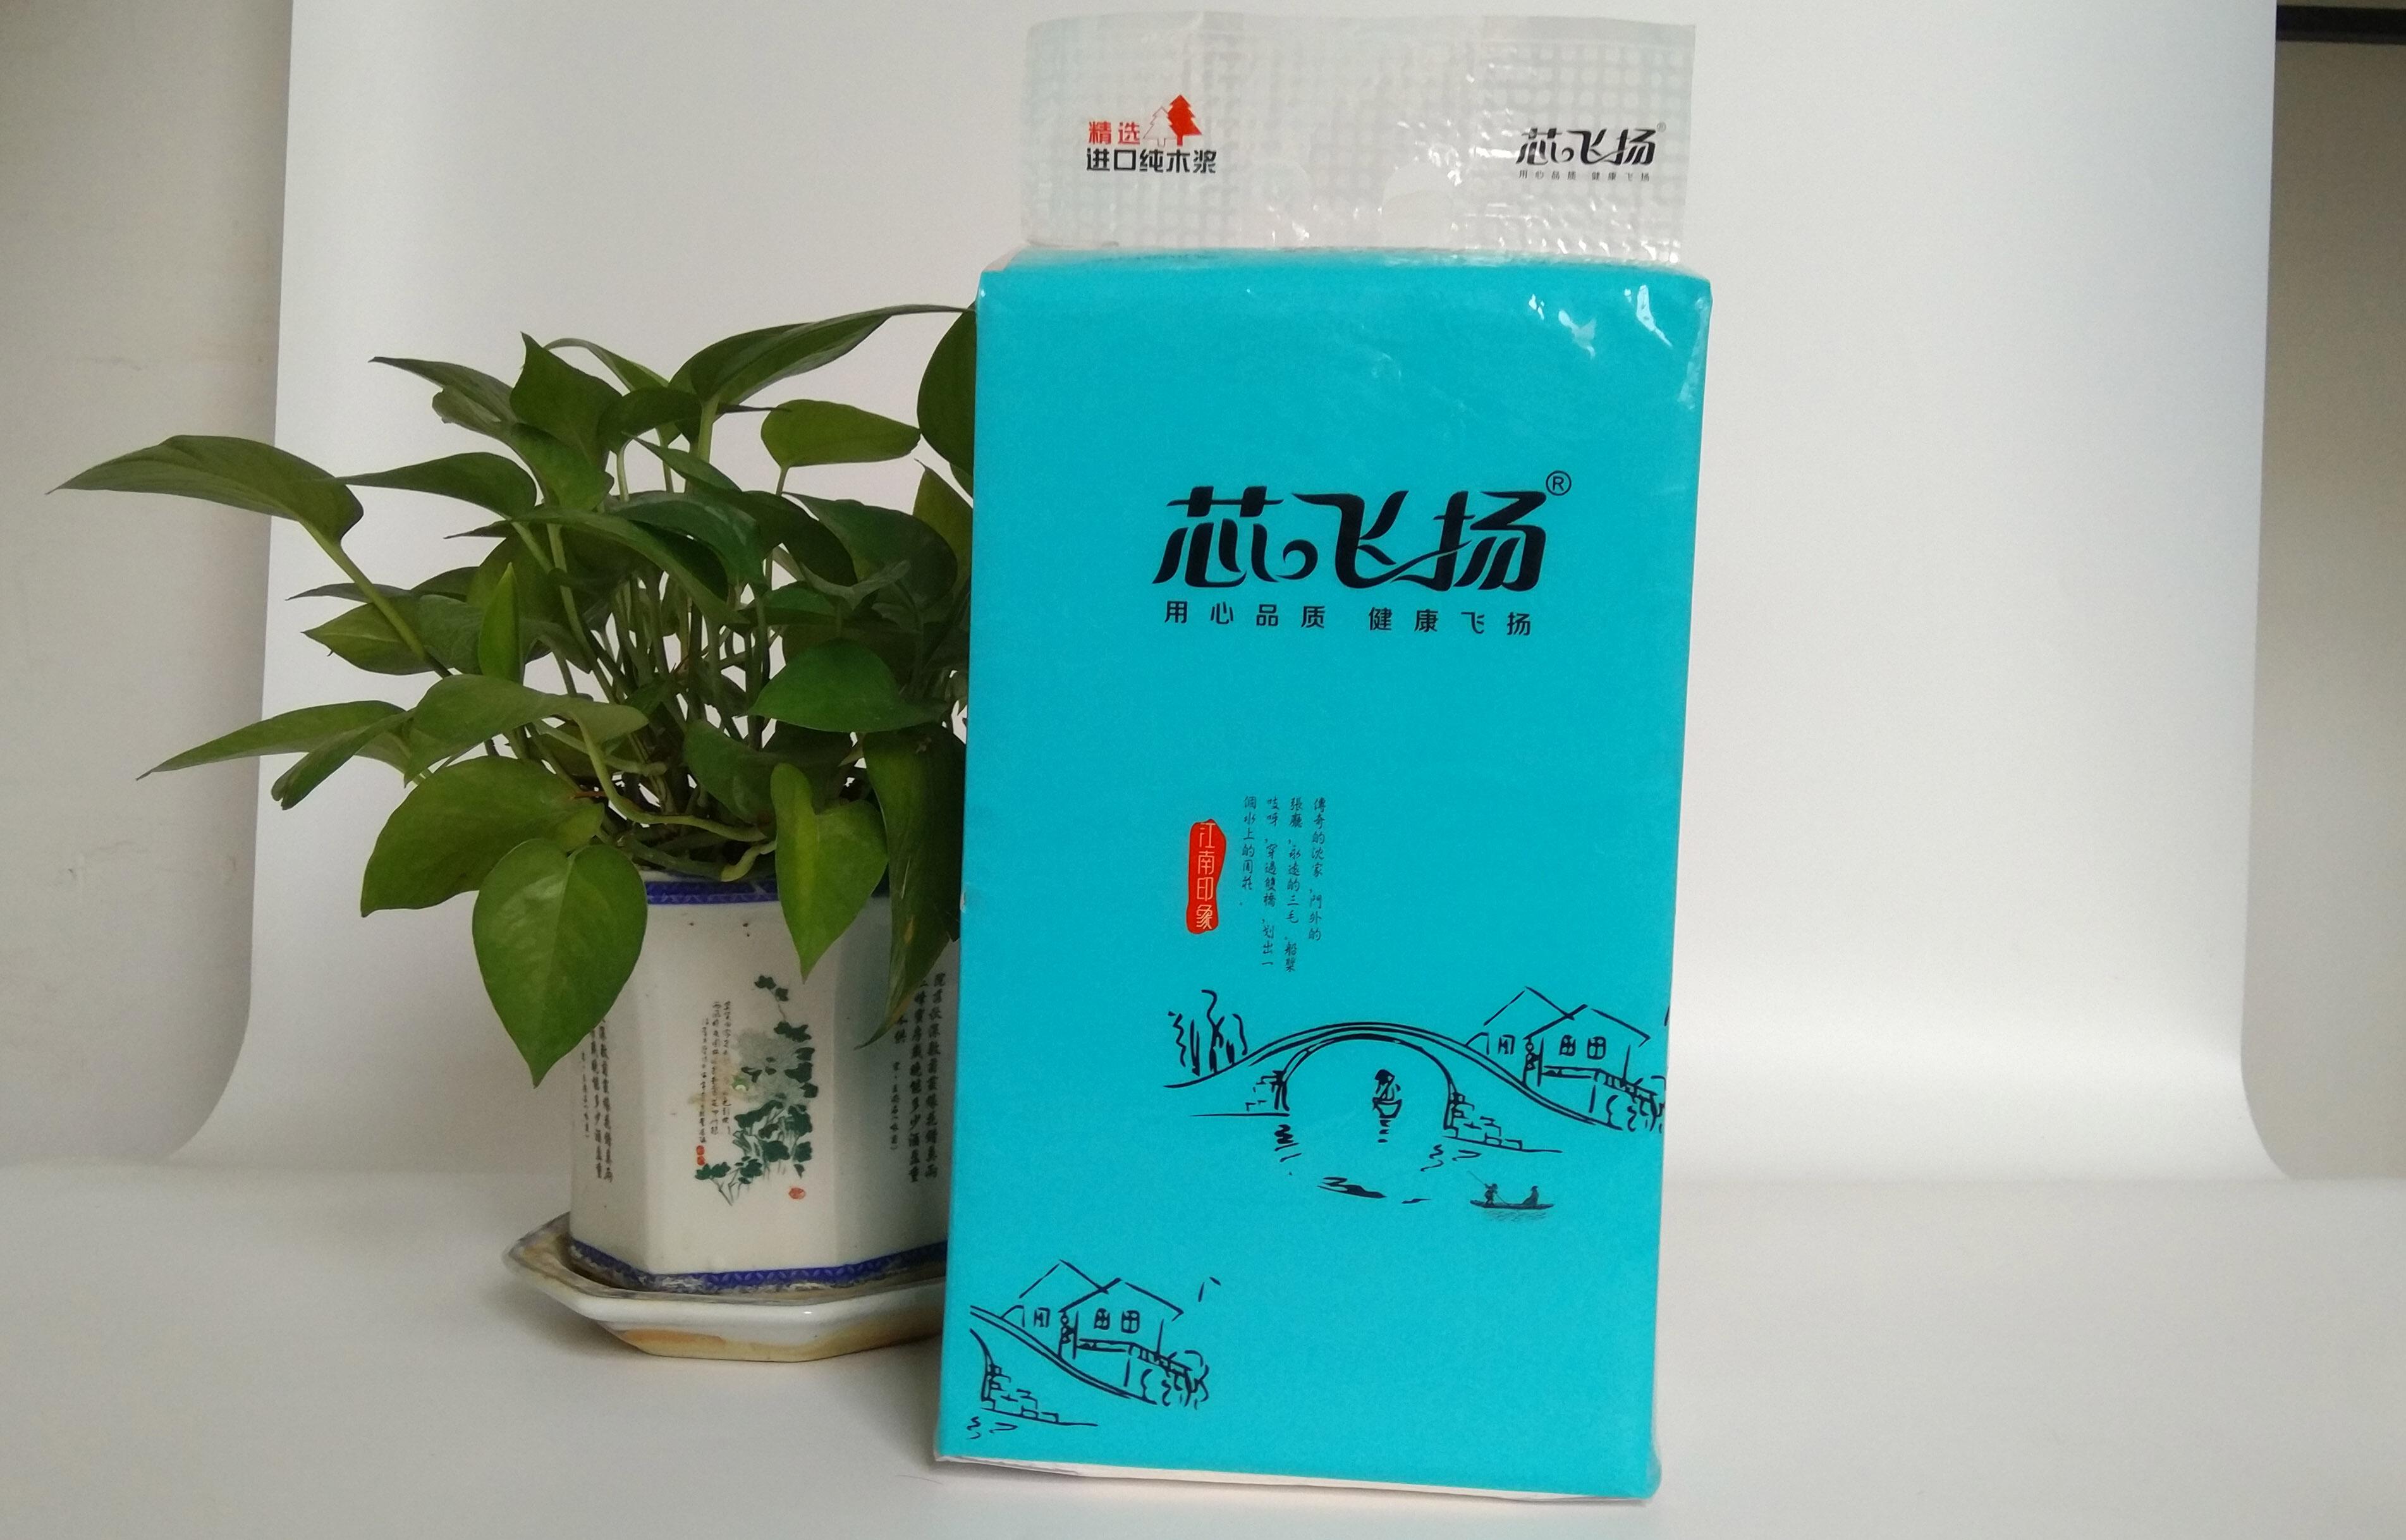 700g芯飞扬江南印象纯木浆抽取式方巾纸